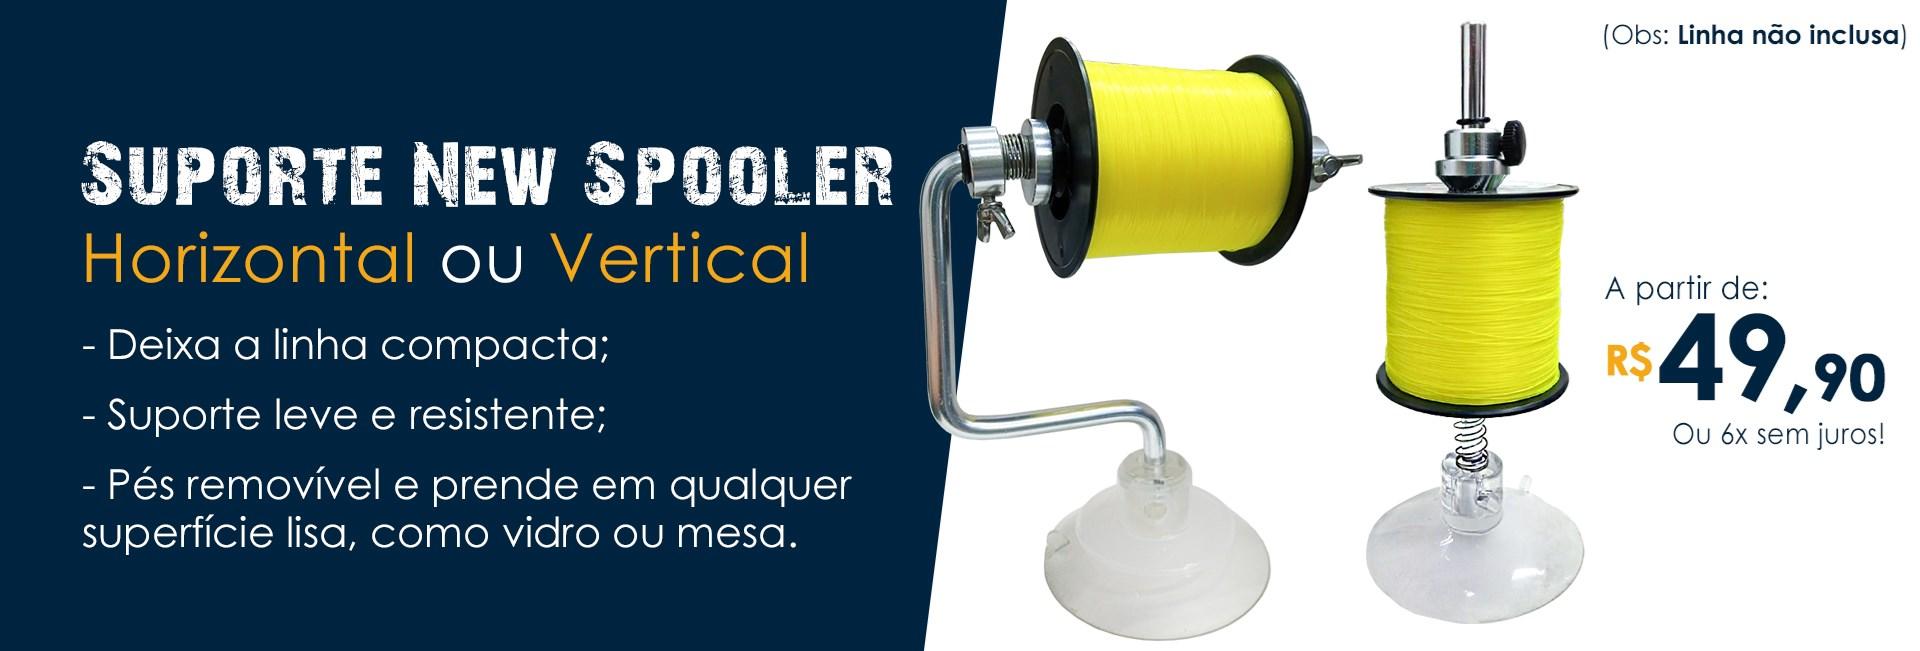 Suporte New Spooler para Carretéis